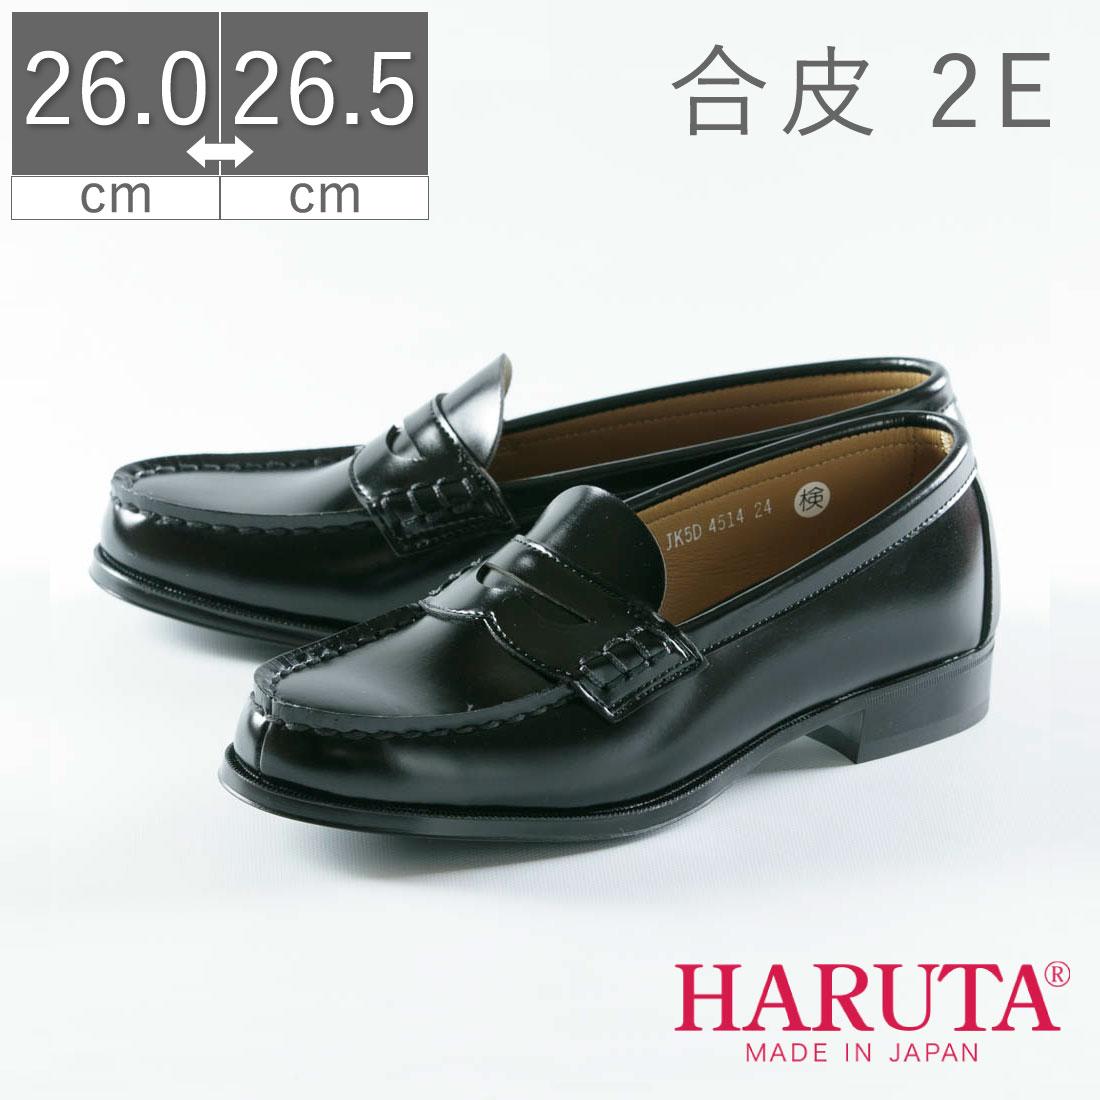 【9時までの注文で即日配送】【全国送料無料】 日本製 HARUTA ハルタ ローファー レディース 4514M 通学 学生 靴 2E 合皮 合成皮革 25 25.5 26 26.5 フットプレイス ギャラリー